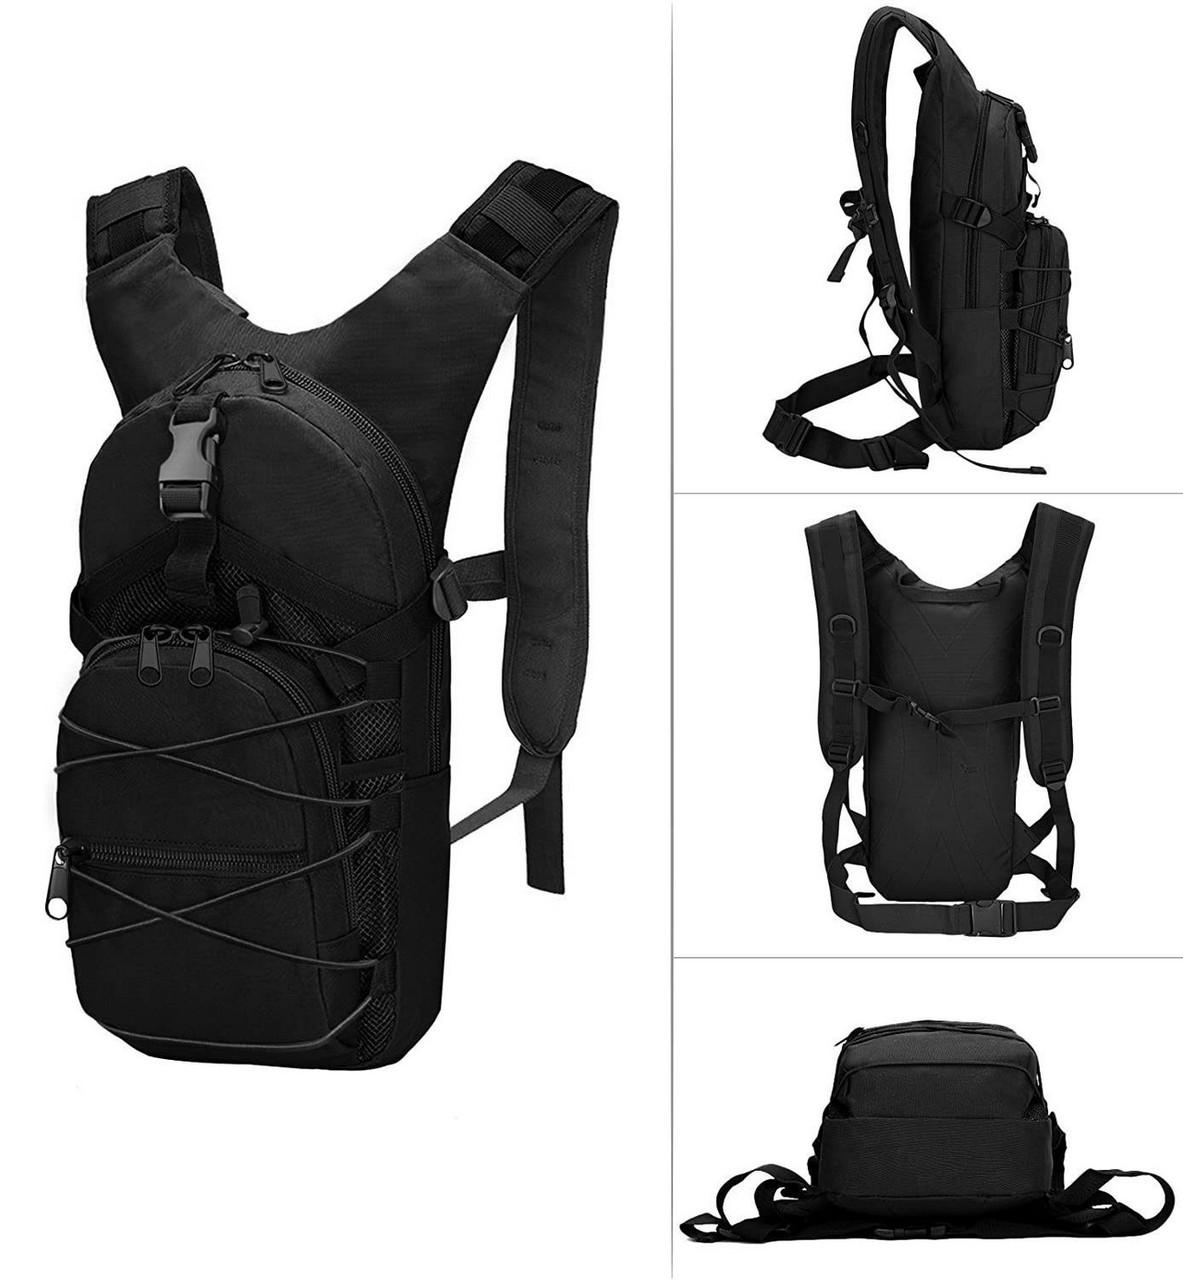 Качественный тактический рюкзак, туристический, велосипедный. Черный